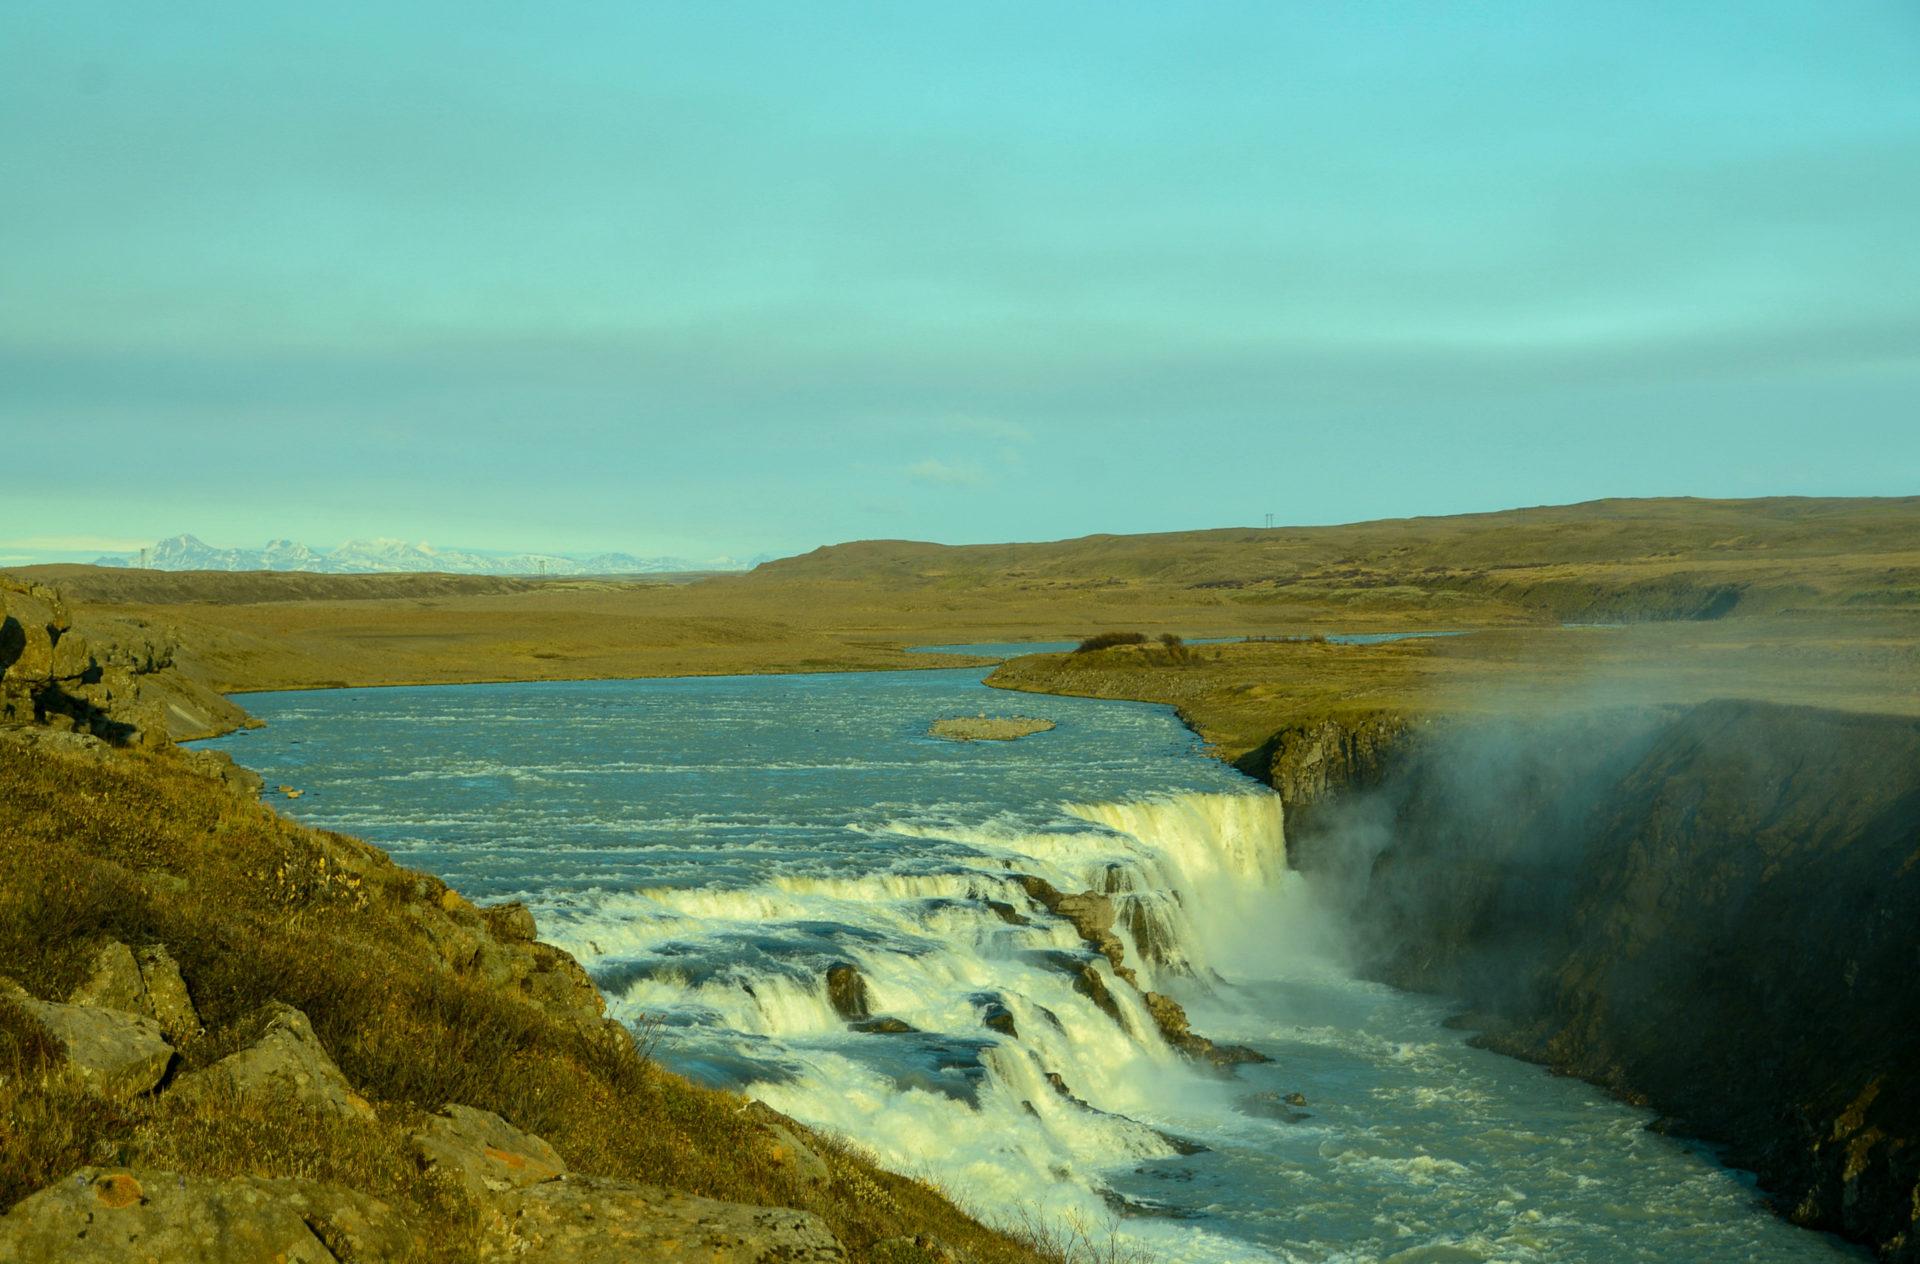 Der Wasserfall Gullfoss im Goldenen Dreieck in Island mit Regenbogen und Bergen